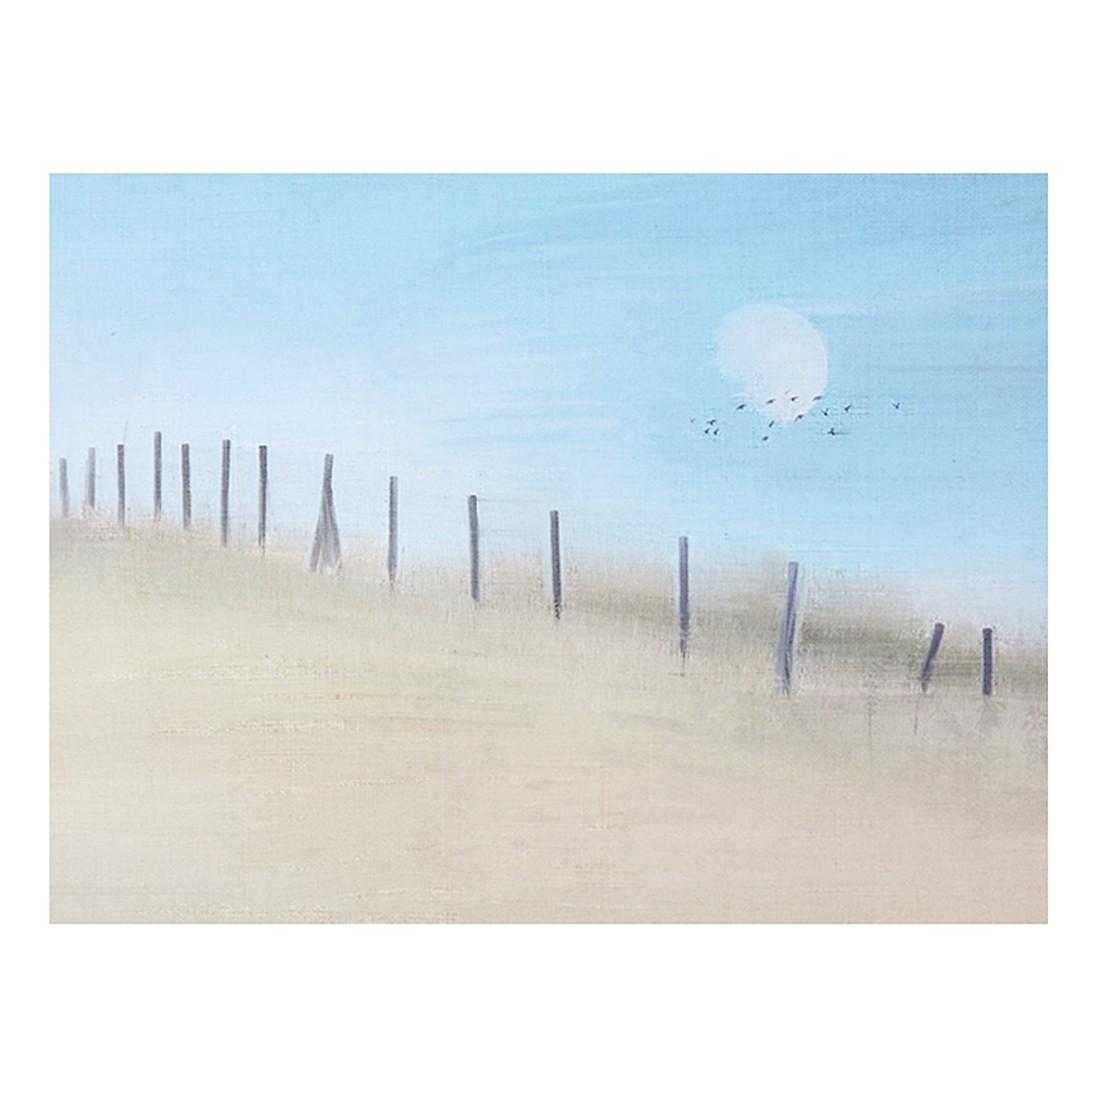 Ölgemälde Zaunbild von Franziska Rullert – Größe 70 x 100 cm, yourPainting online bestellen